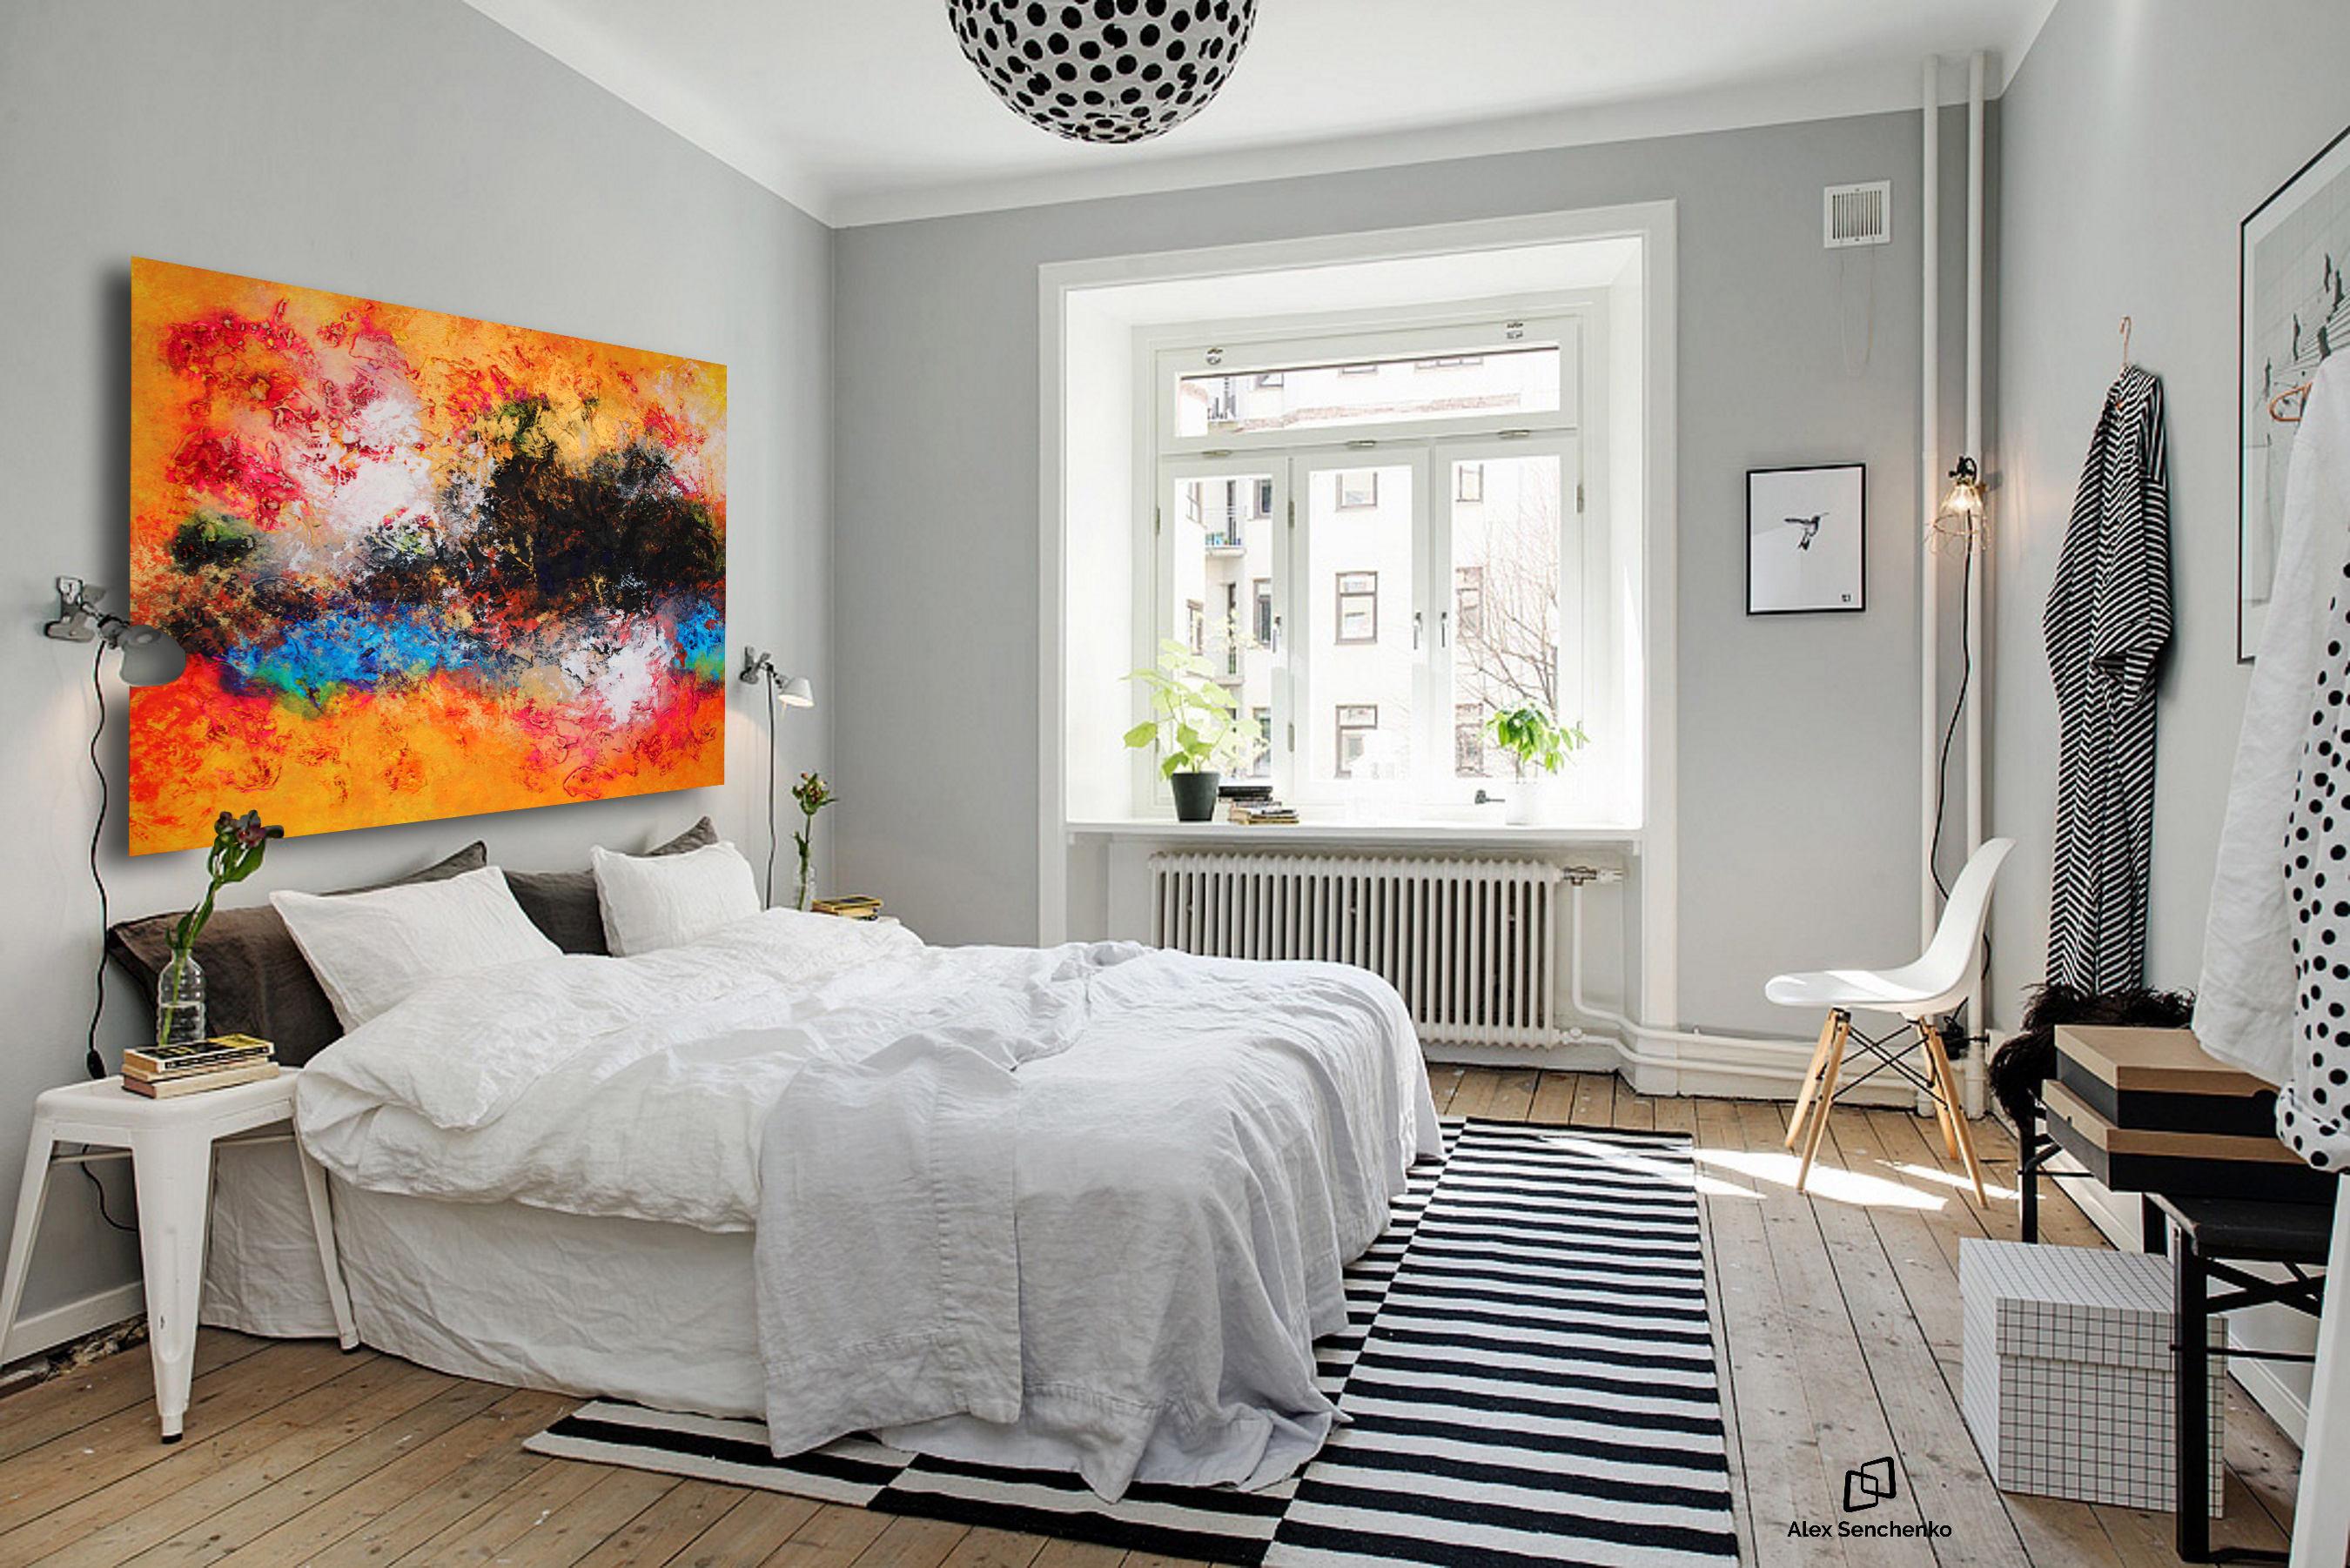 """Как стильно использовать белый цвет в интерьере чтобы не жить в """"больничной палате""""?"""